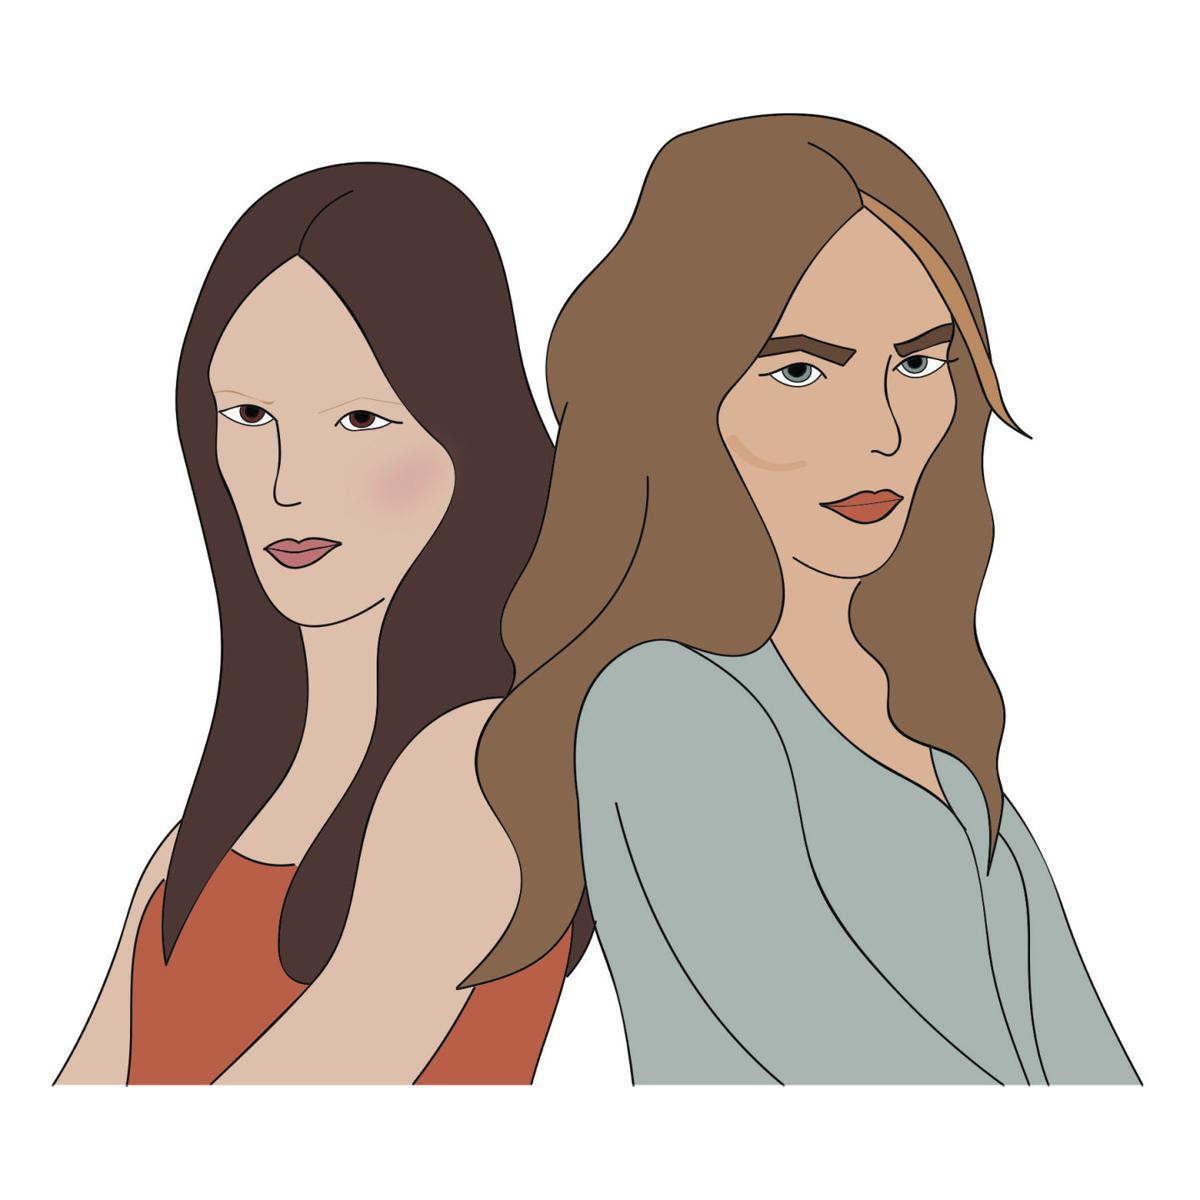 Cartoon: eyebrows